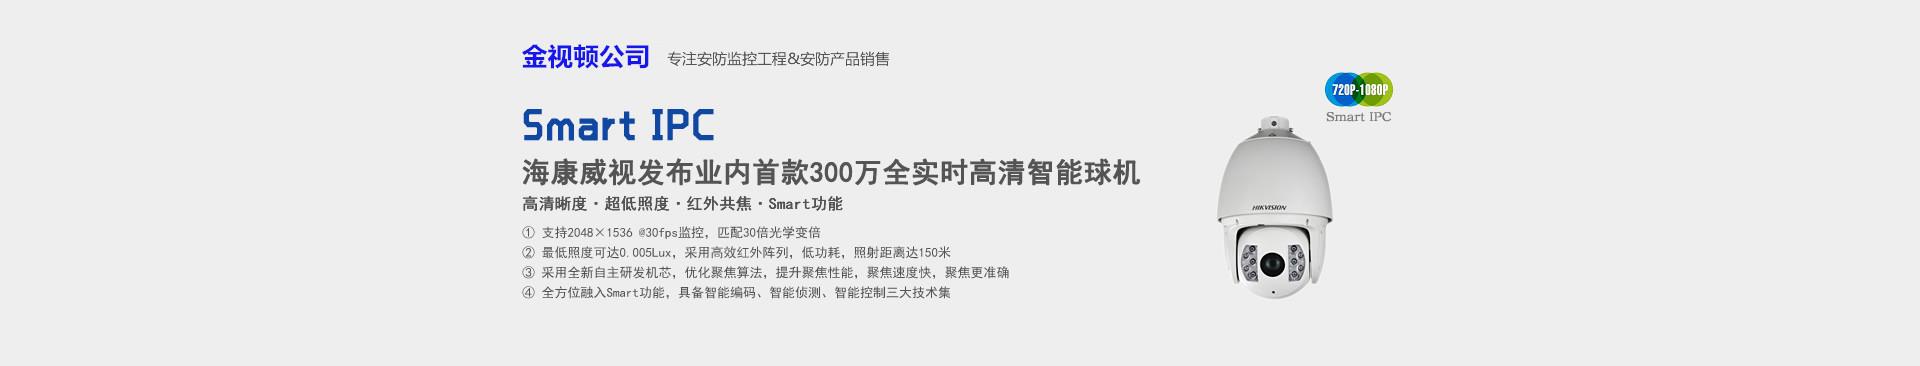 海康ptpt9大奖娱乐发布业内首款300万全实时高清智能球机